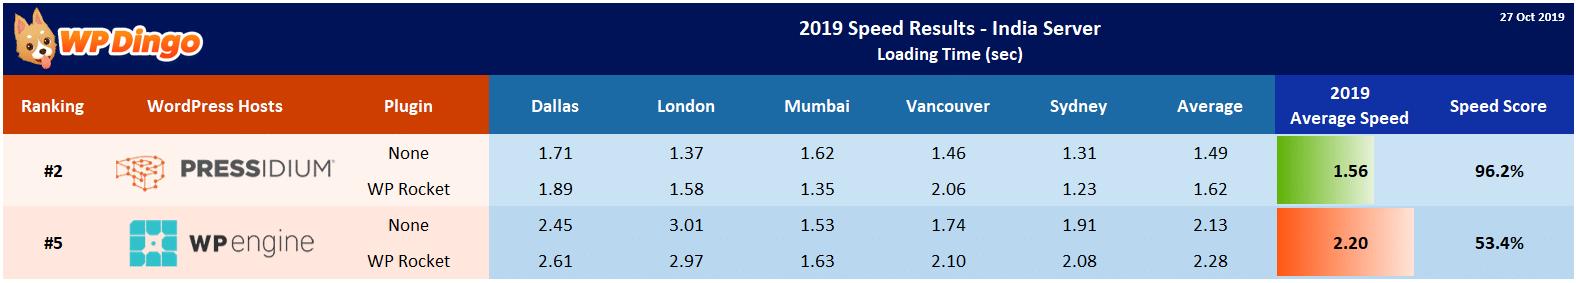 2019 Pressidium vs WP Engine Speed Table - India Server